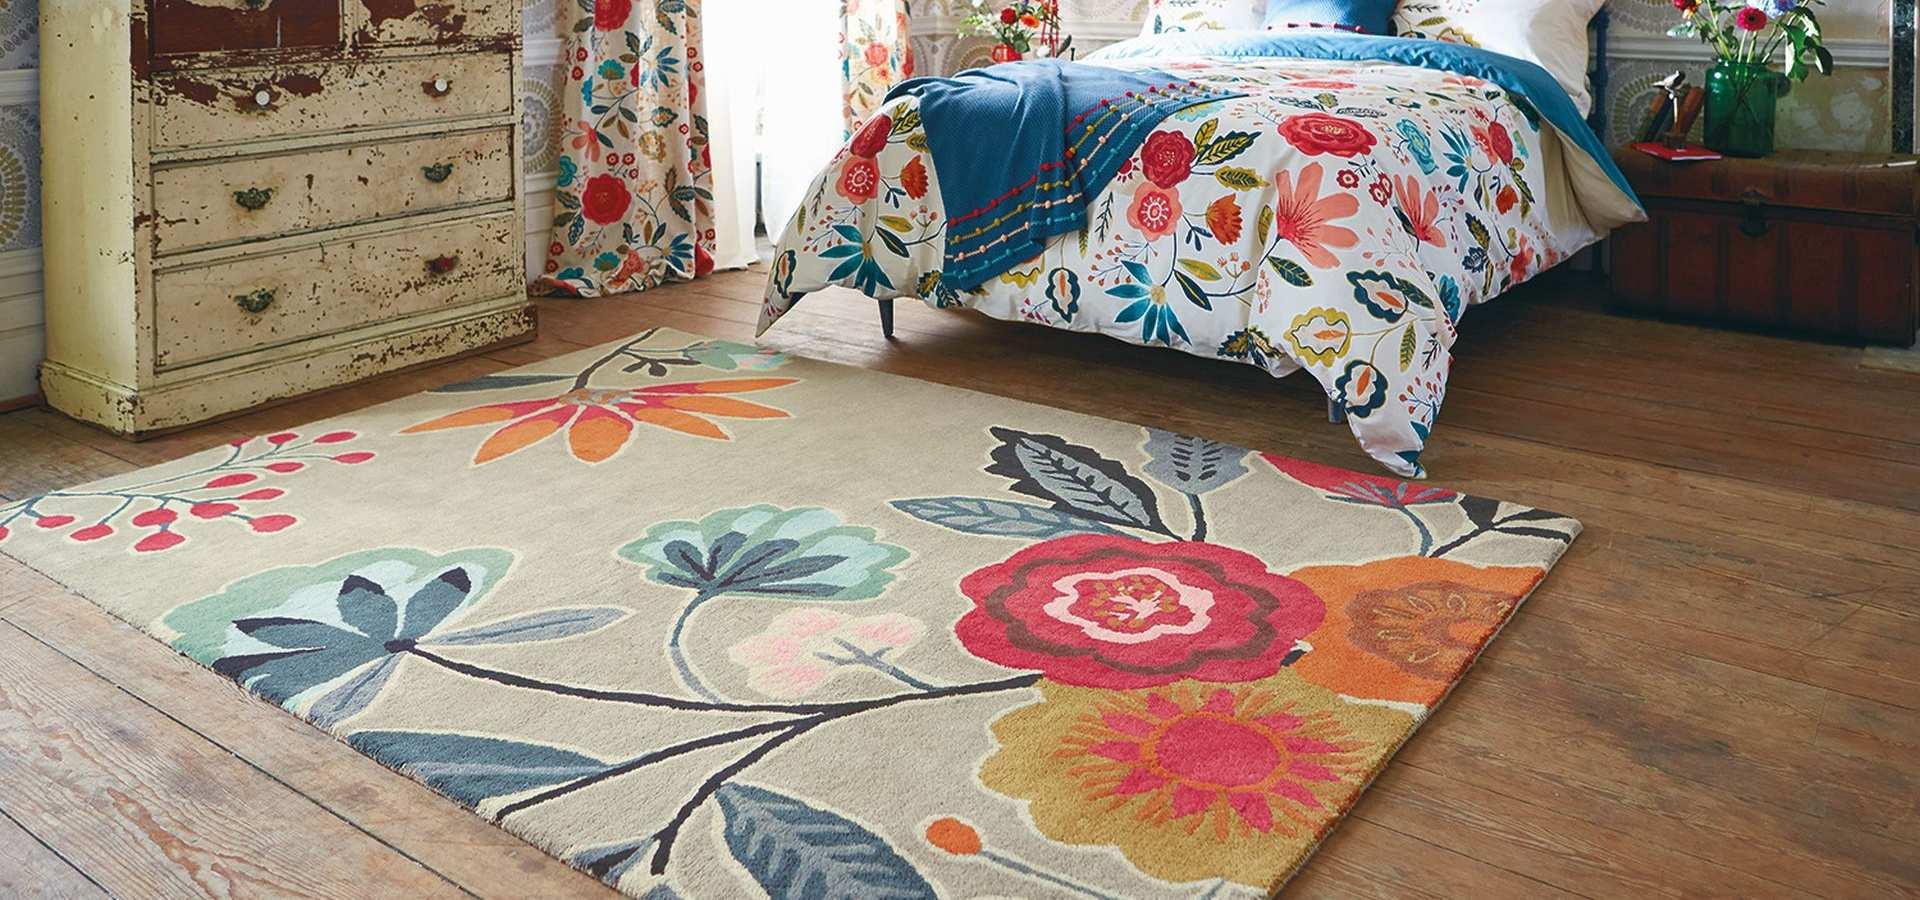 Bild: Schlafzimmer mit Teppich Caspia Auburn